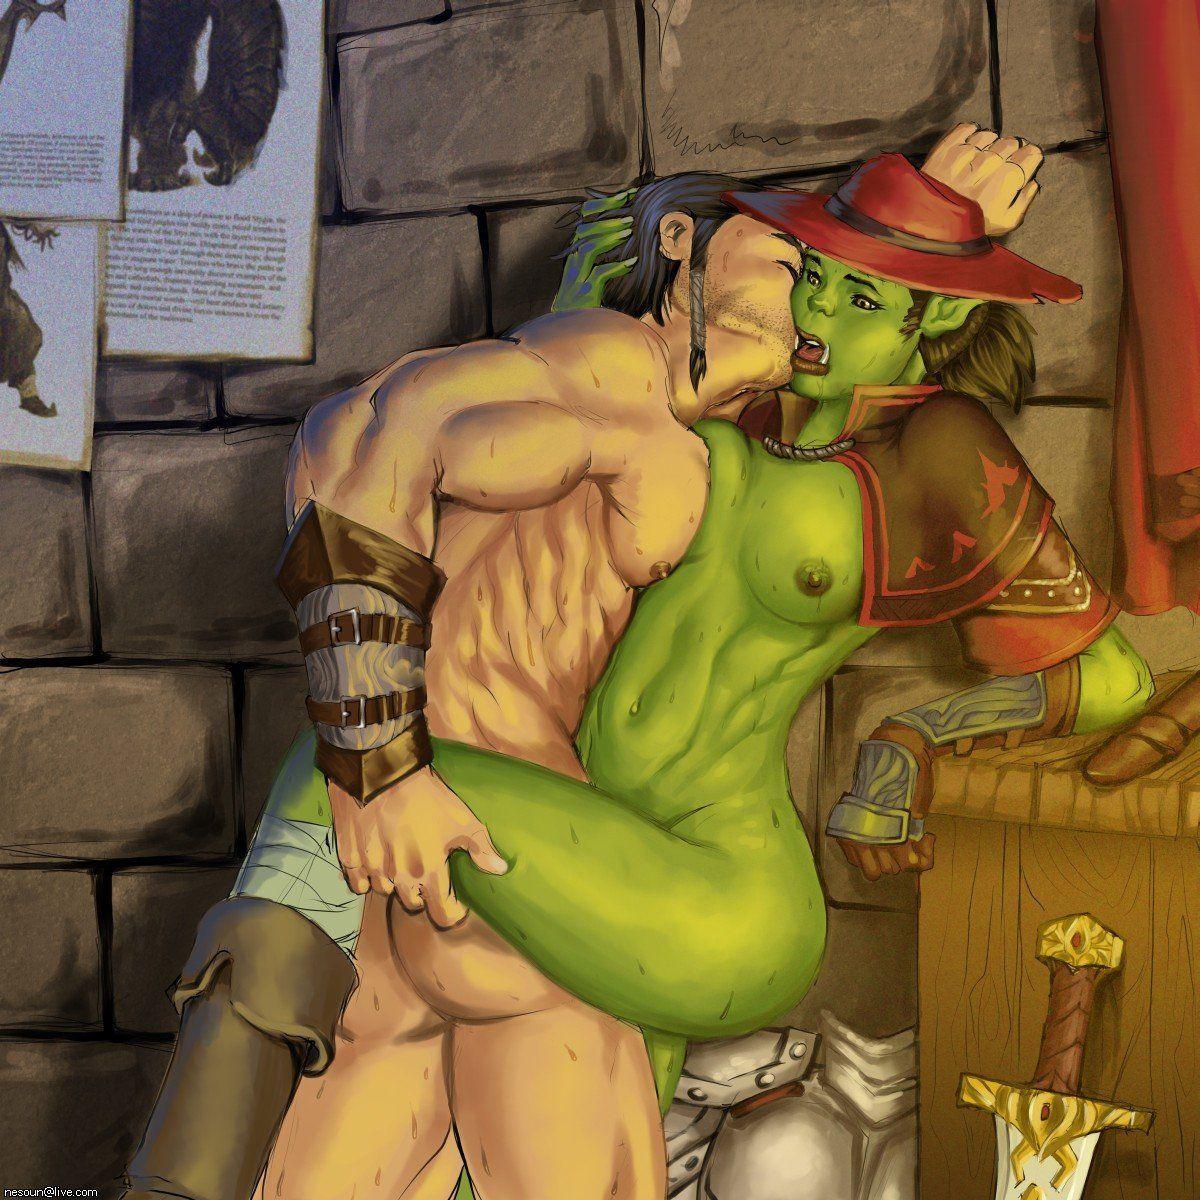 Porn wow orc docstest.mcna.net